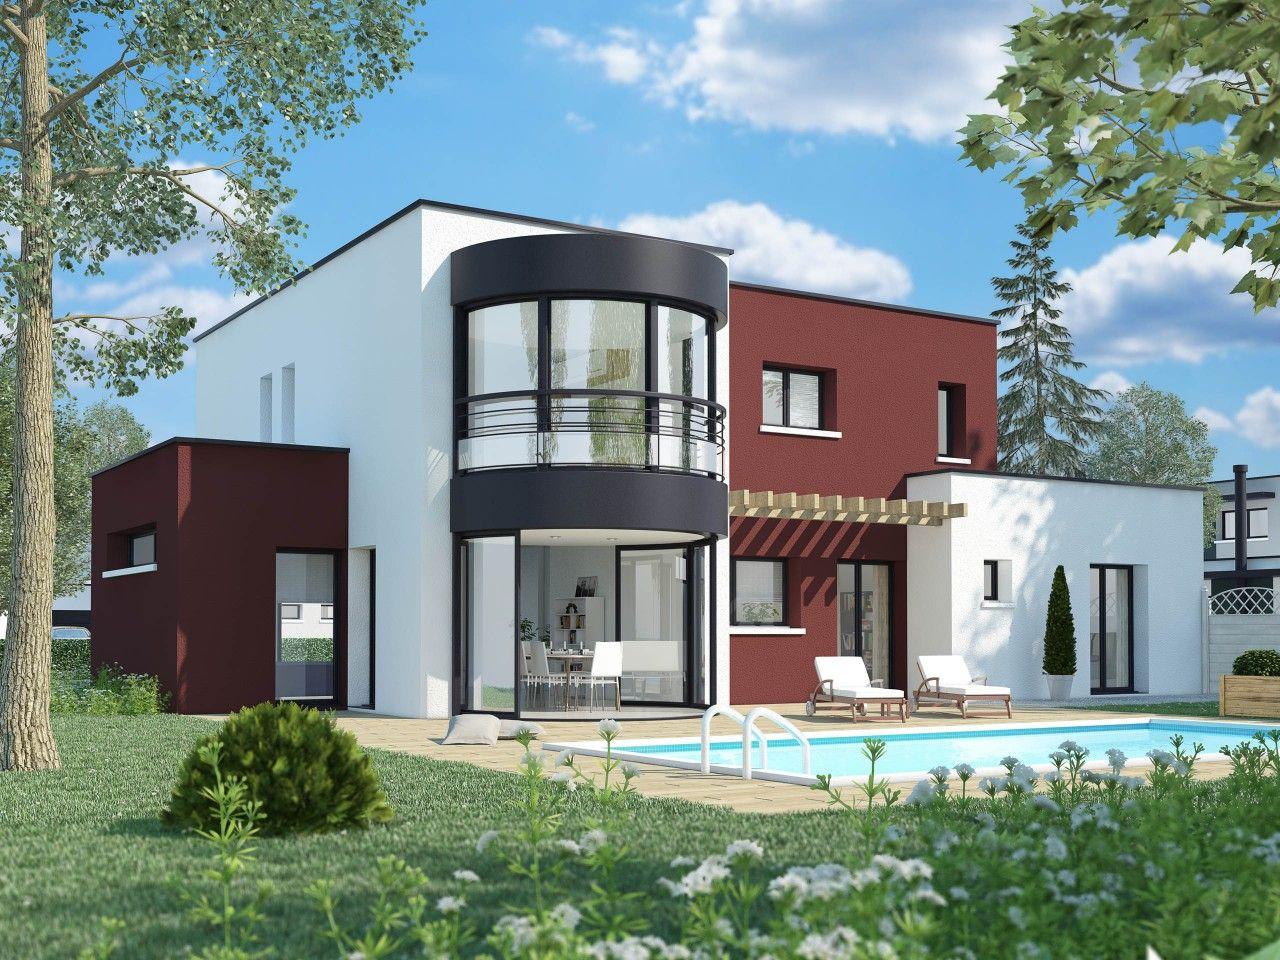 Projets Du0027architecte   Terre U0026 Demeure   Contructeur De Maisons  Individuelles En Ile De France